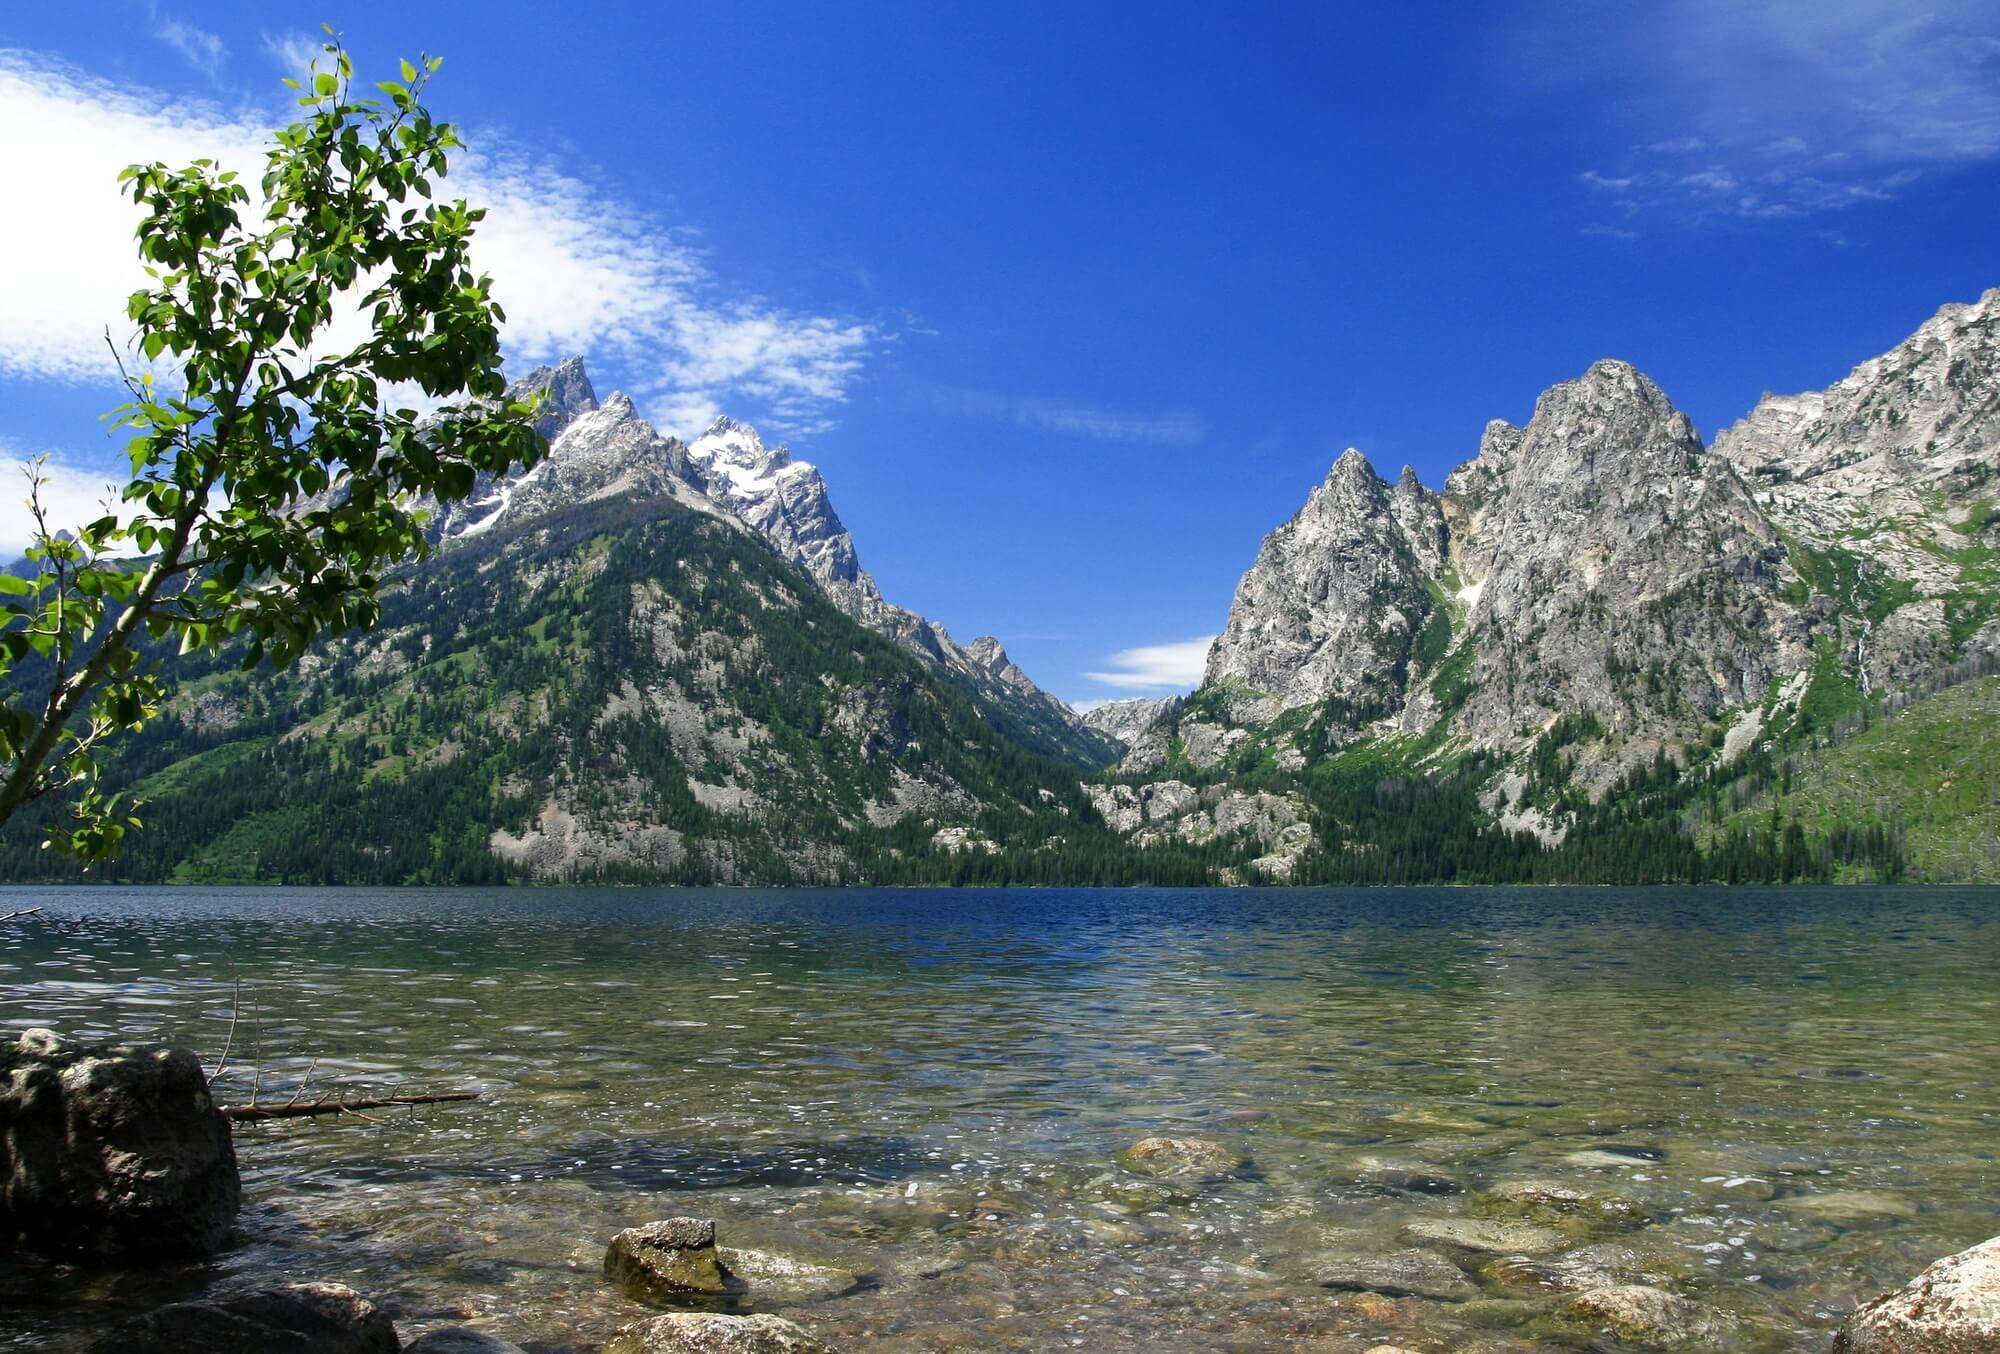 Jenny Gölü